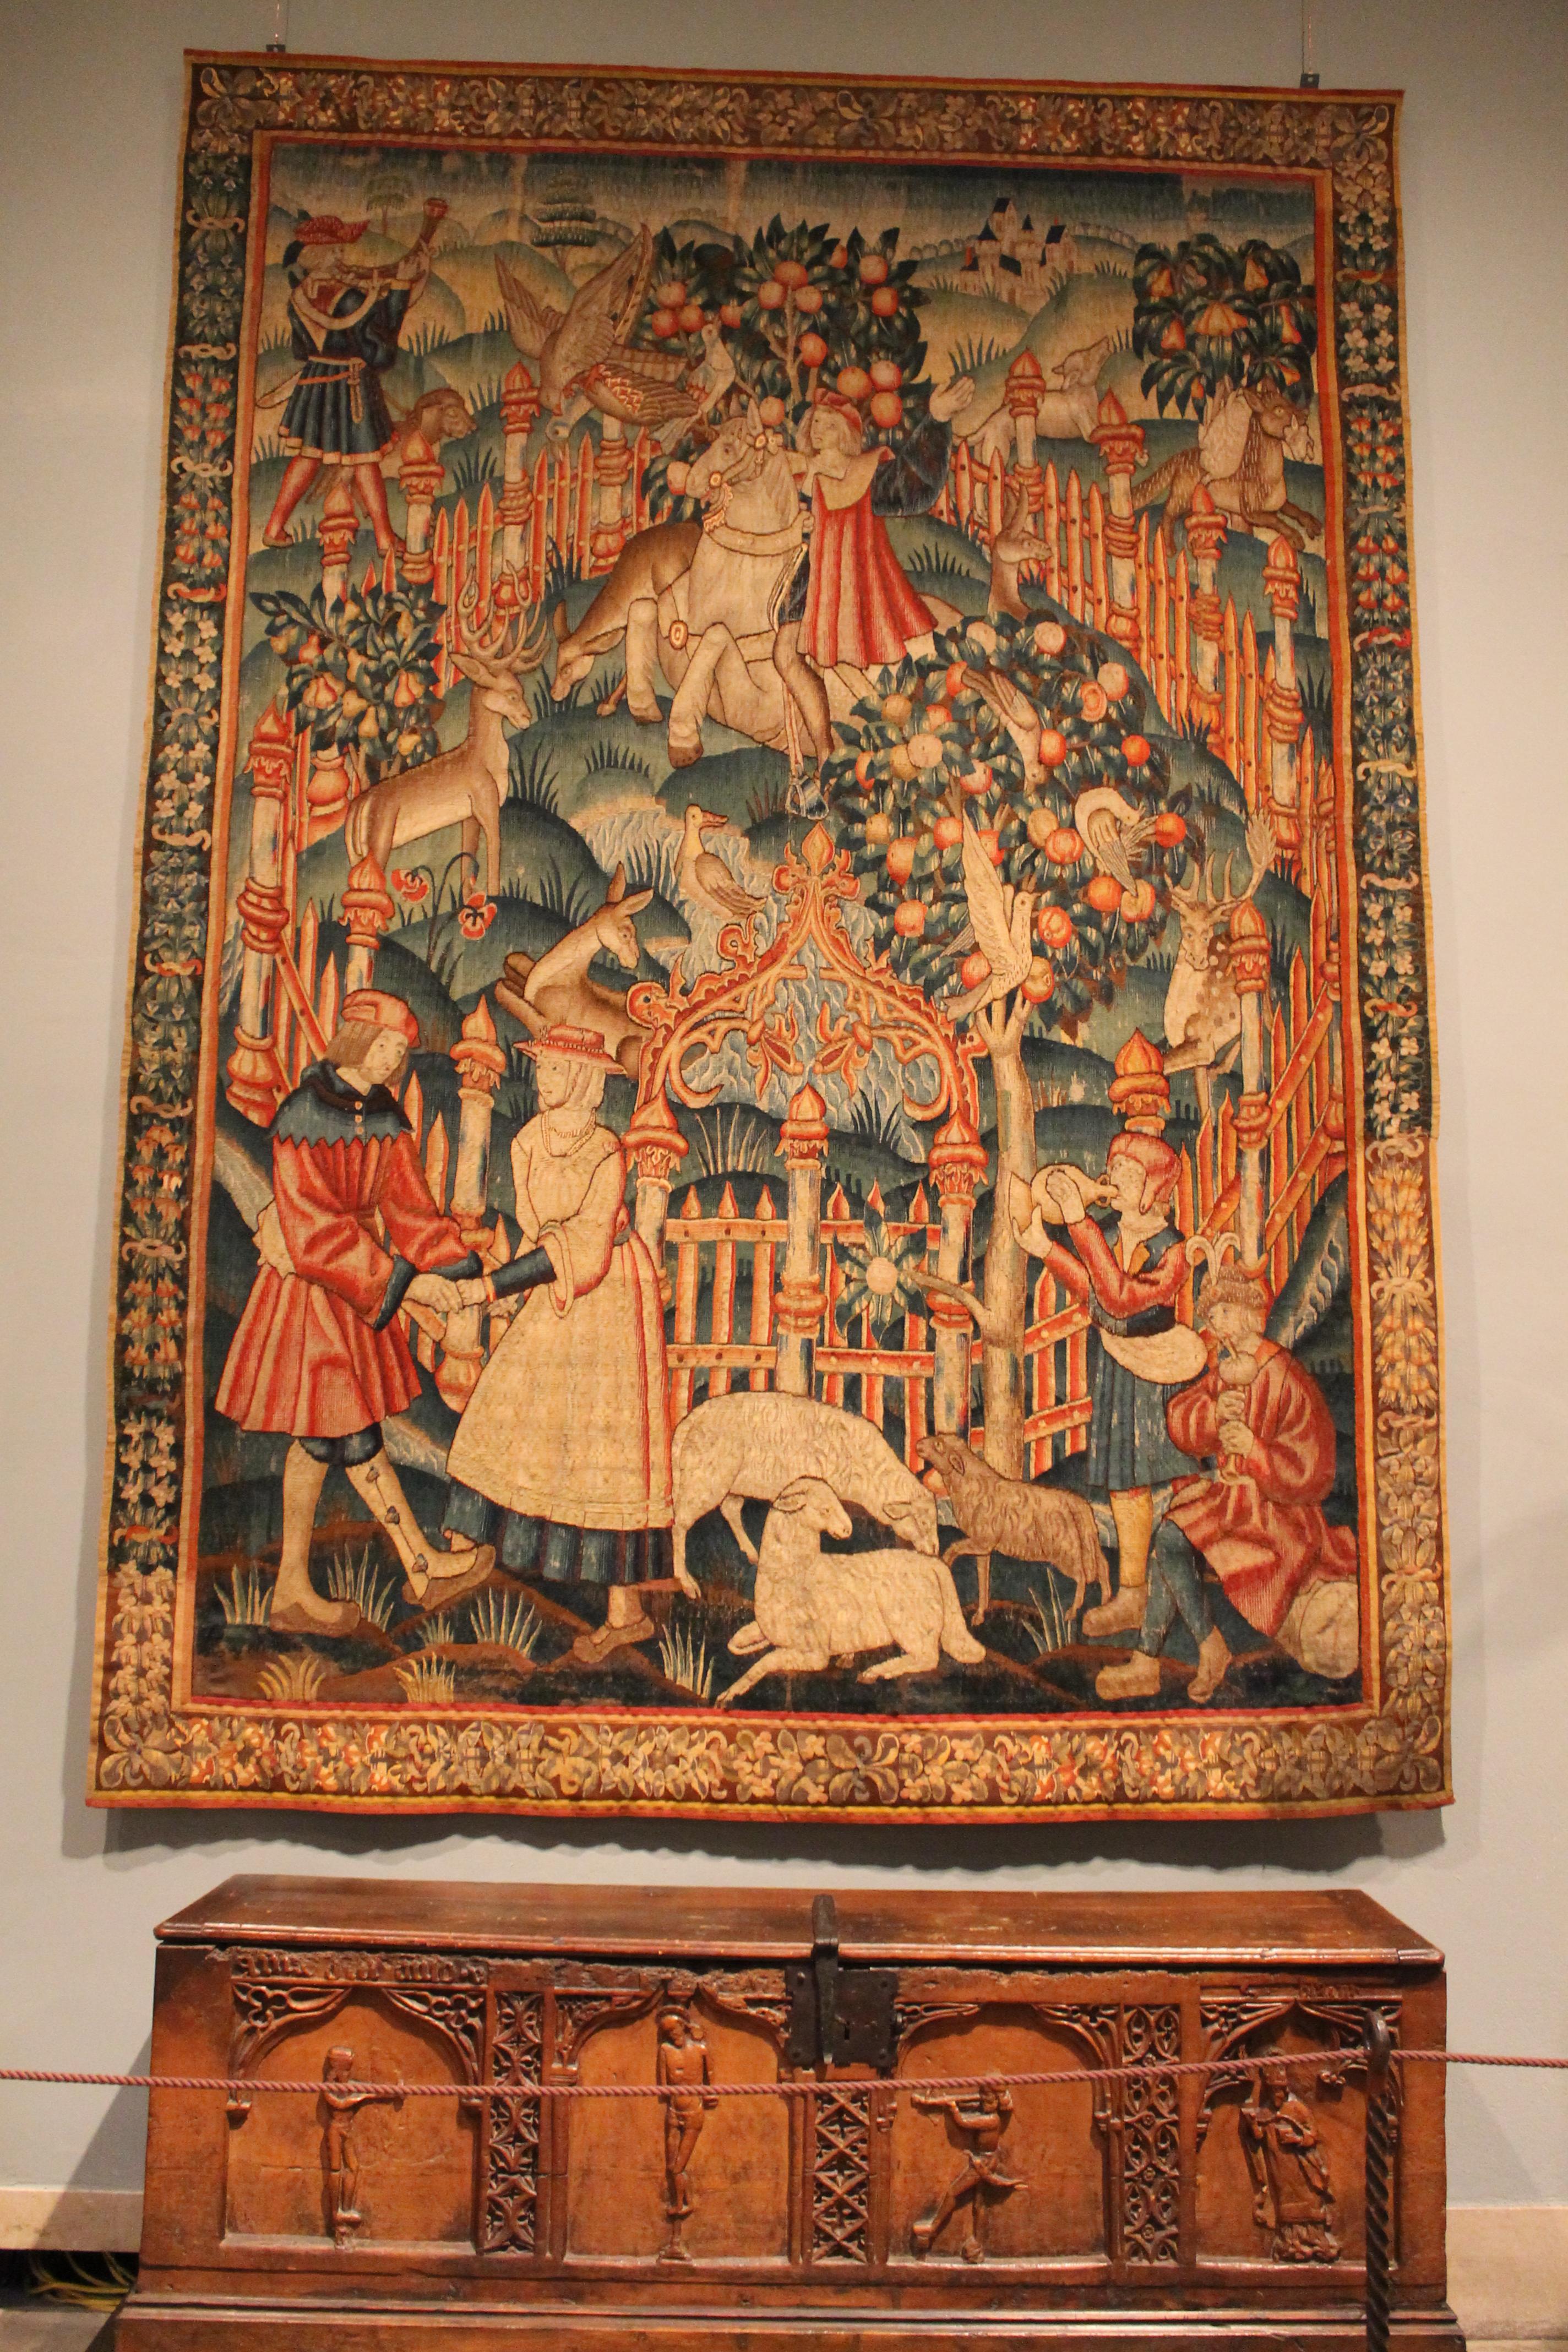 Metropolitan Museu tapeçaria